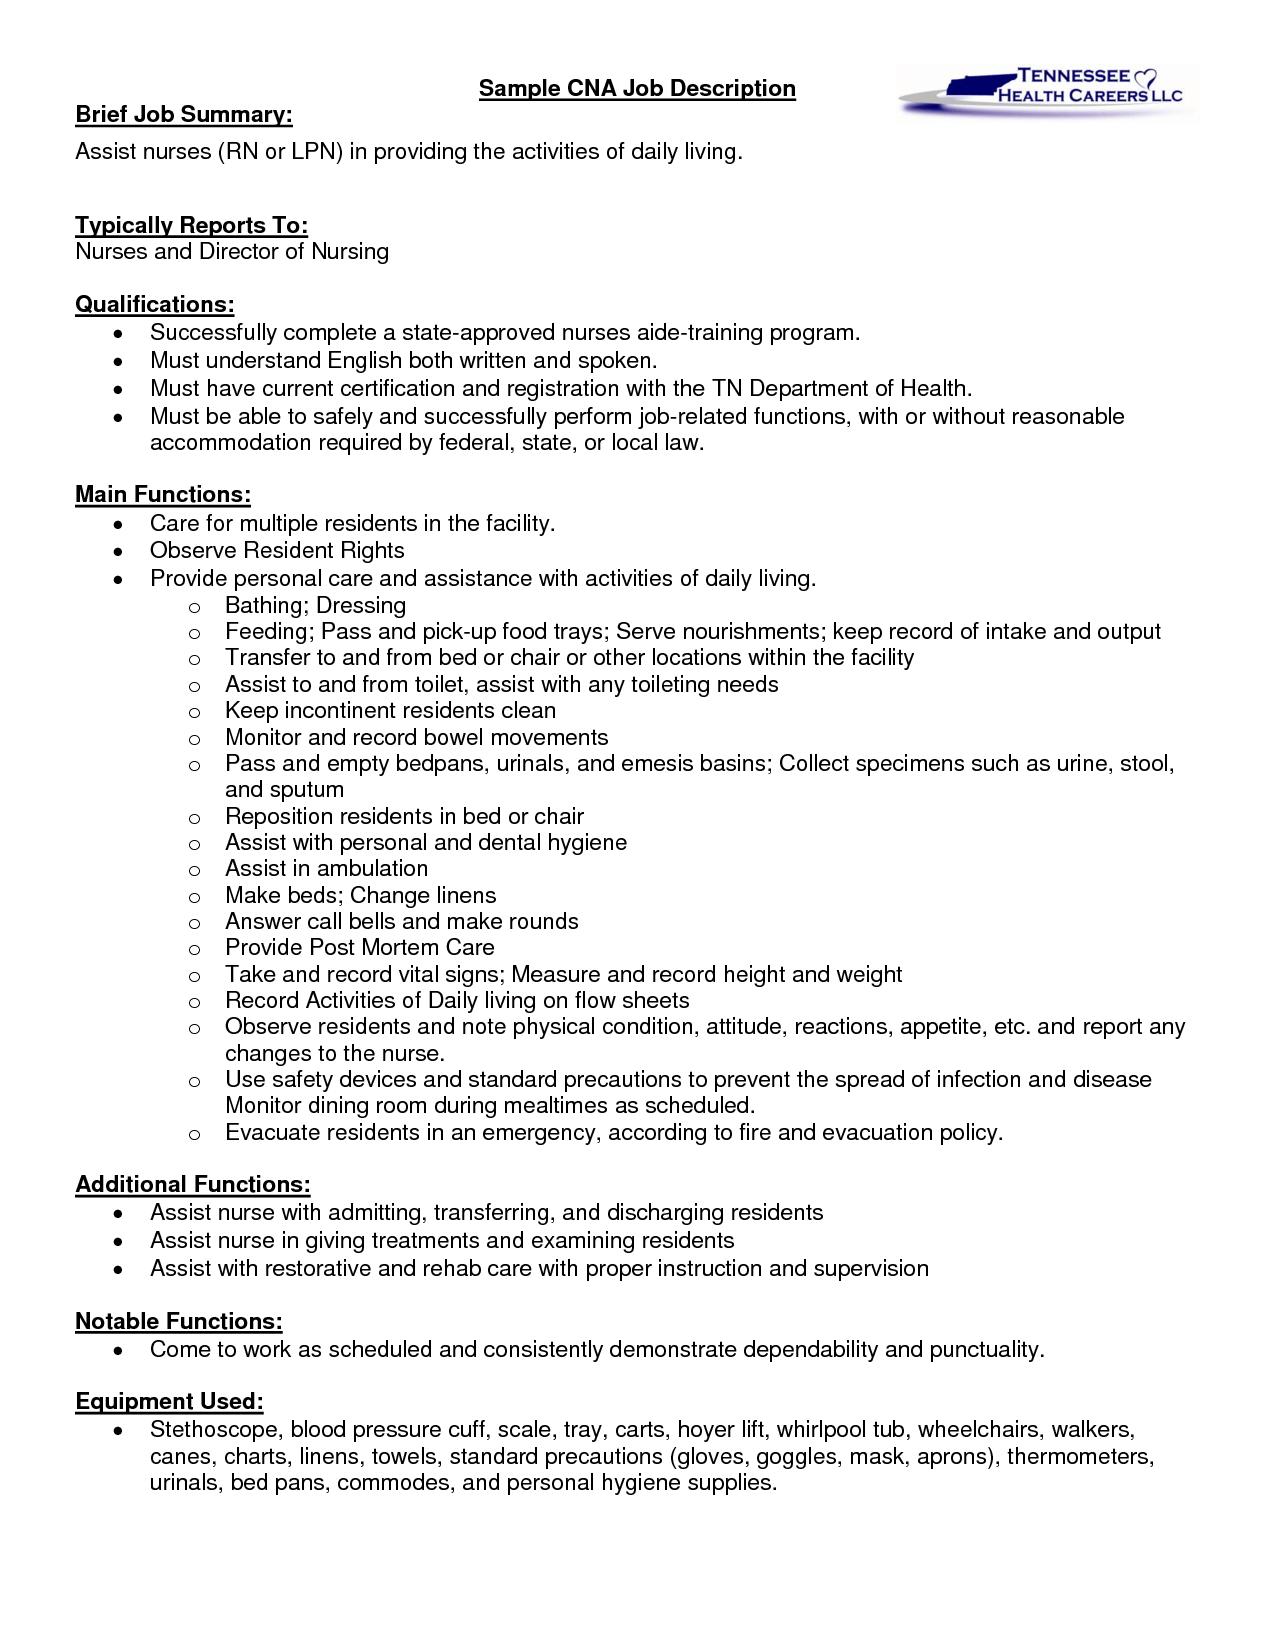 Sample Cna Job Description